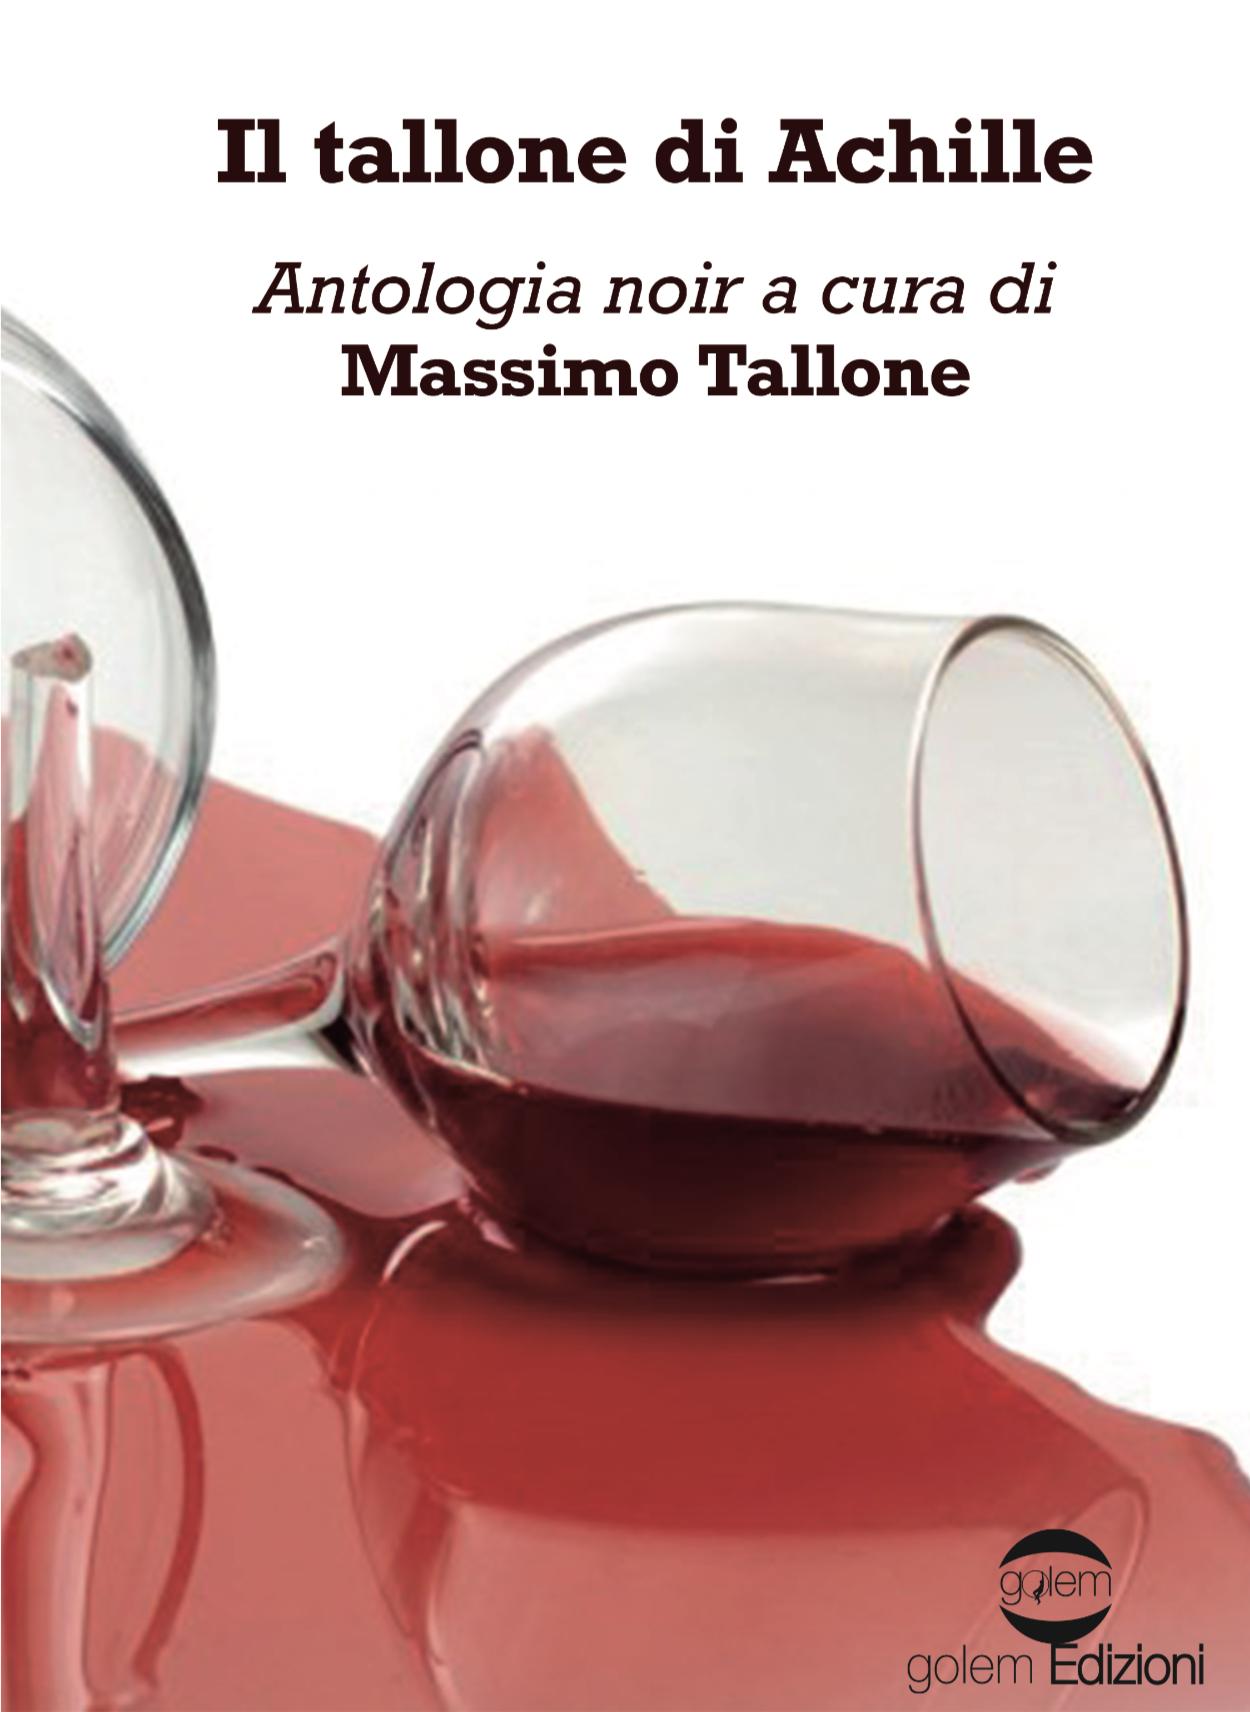 Golem Edizioni. Novità in libreria.